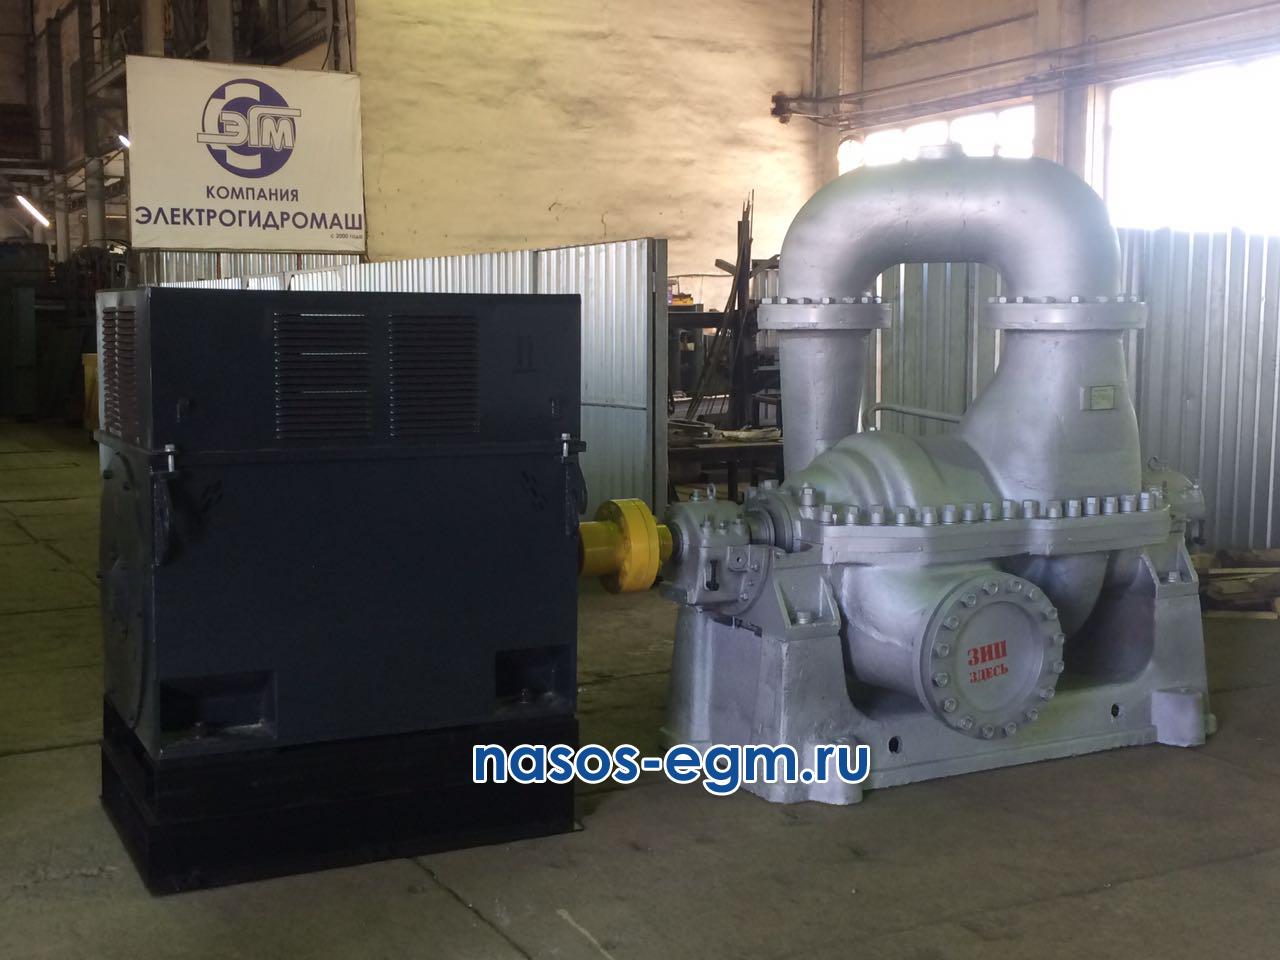 Насос СЭ 1250-140-11 с двигателем